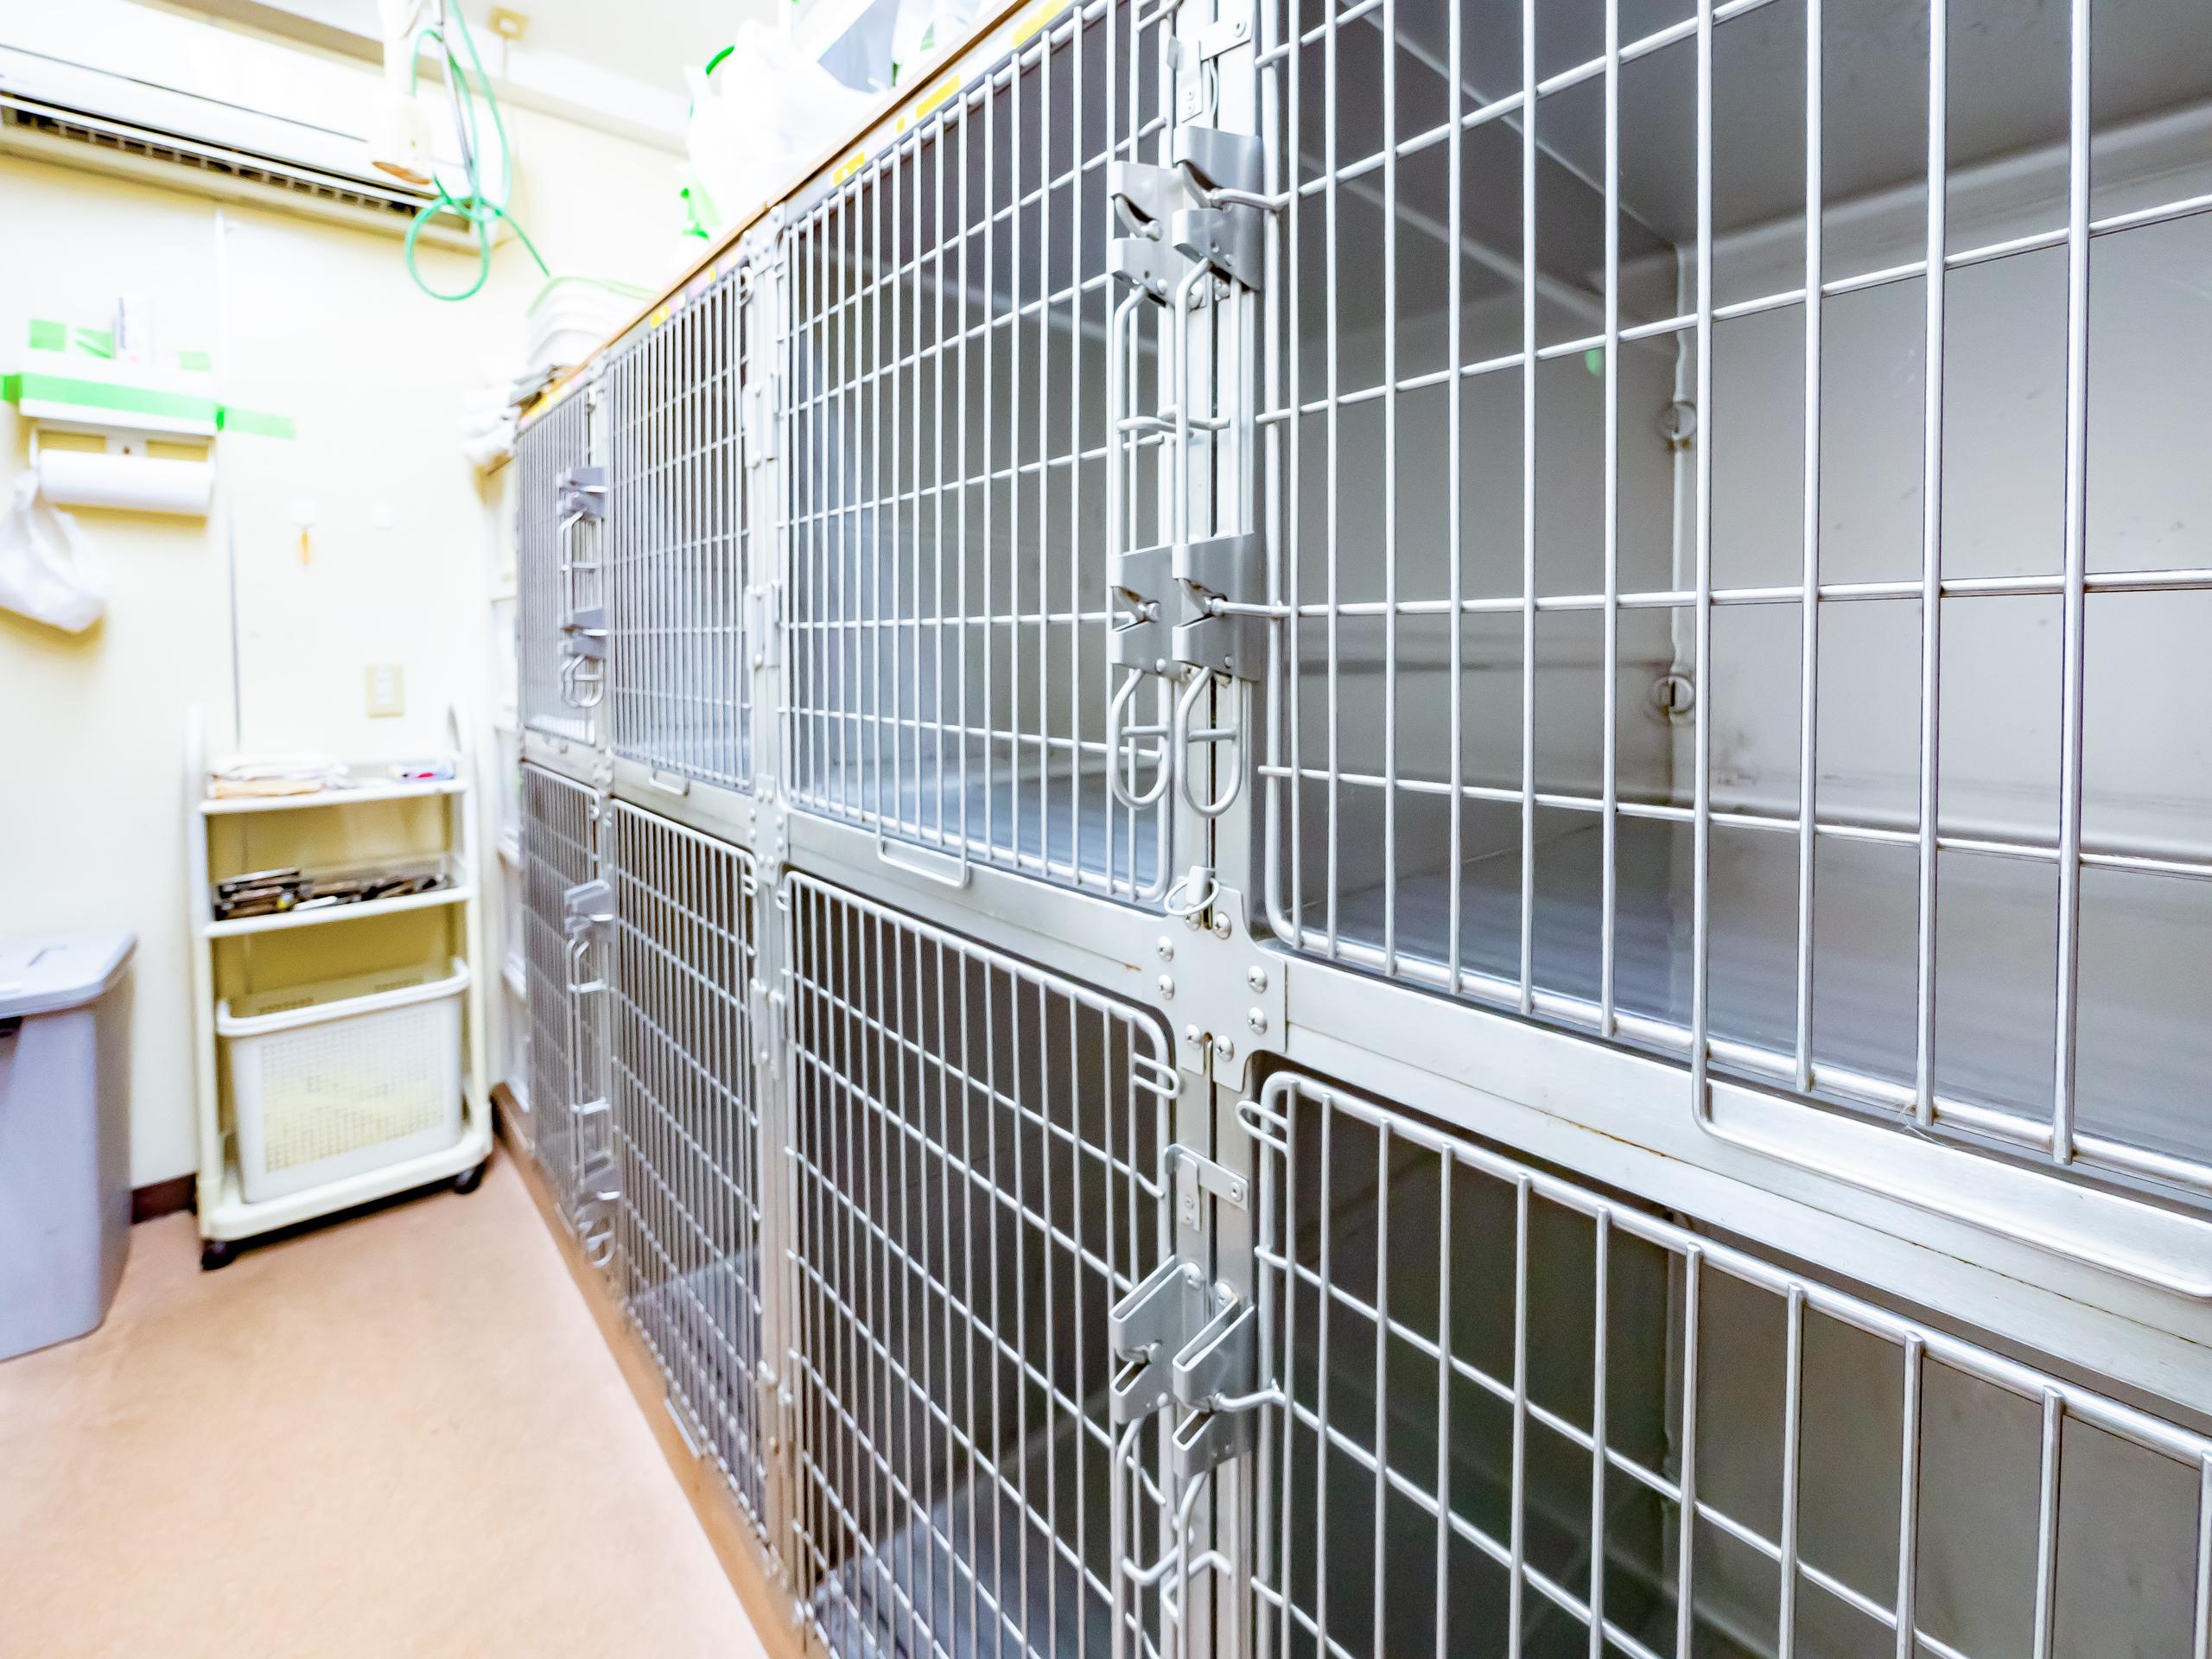 ペットホテル|埼玉県さいたま市南区:武蔵浦和の動物病院なら【クッキーペットクリニック】 | クッキー動物病院